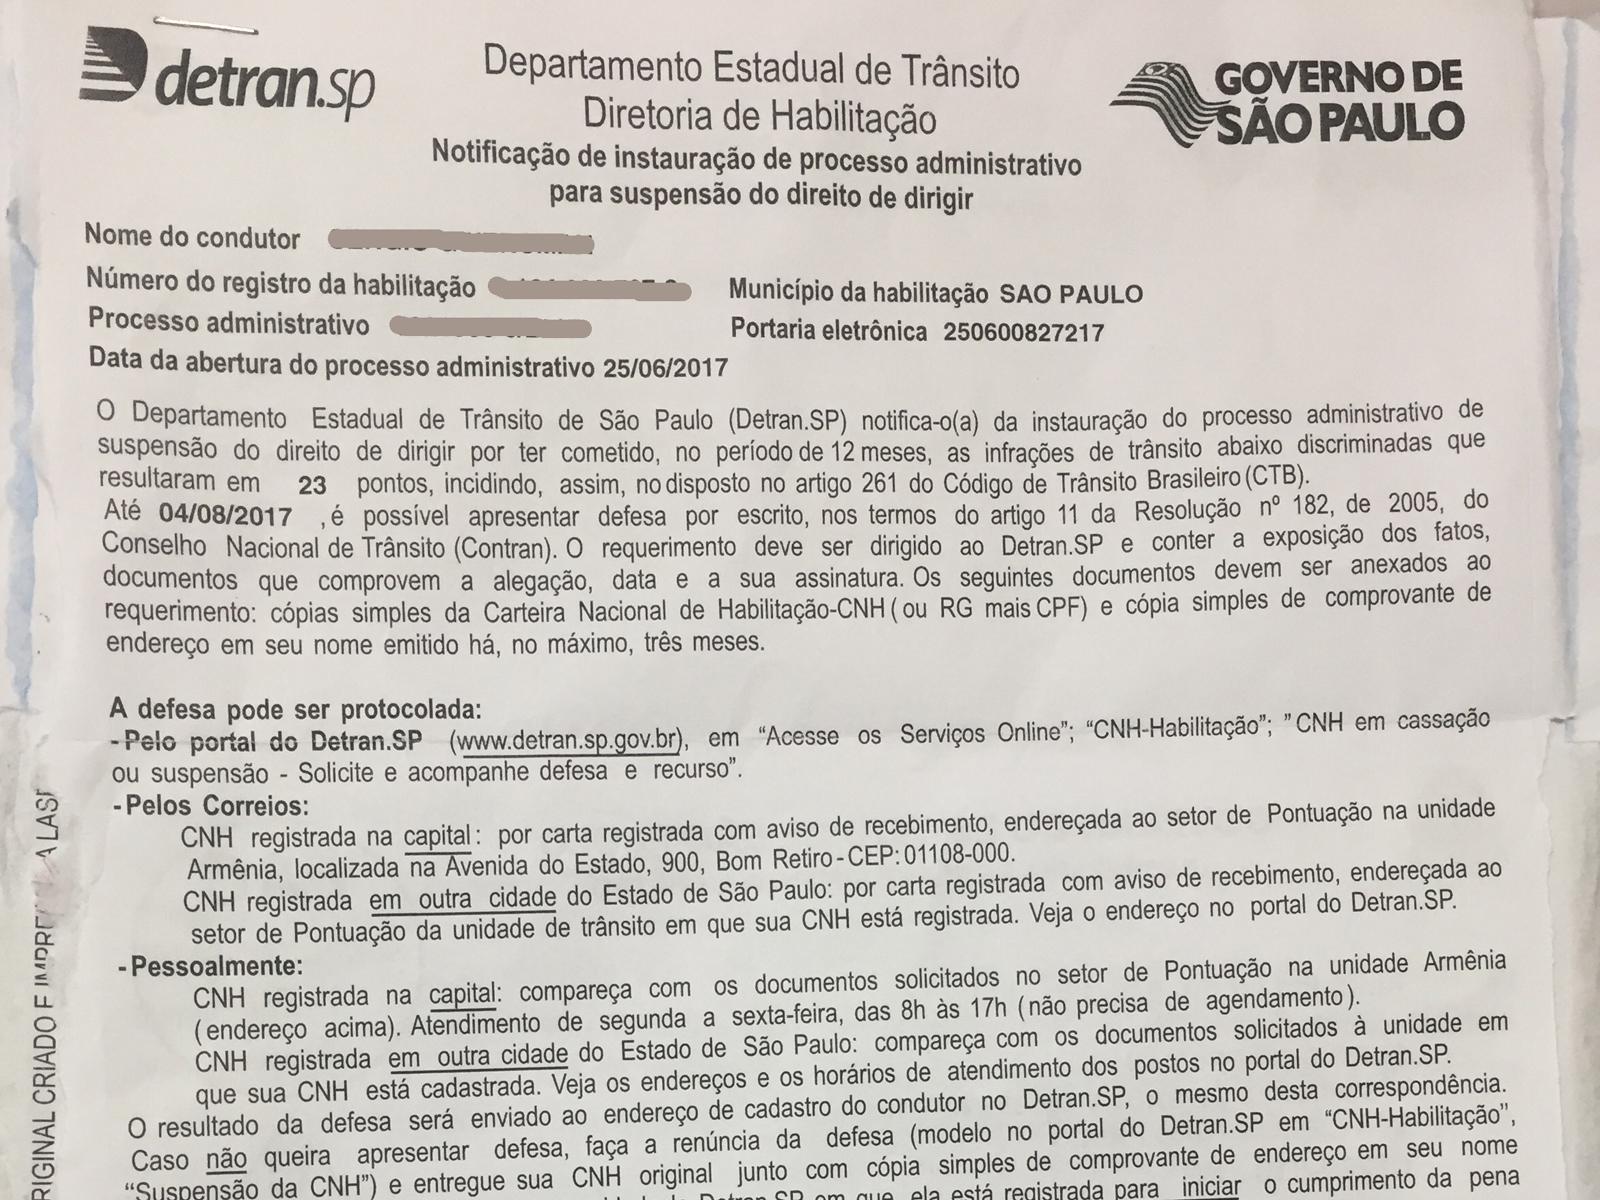 Exemplo de notificação de instauração do processo de suspensão do direito de dirigir